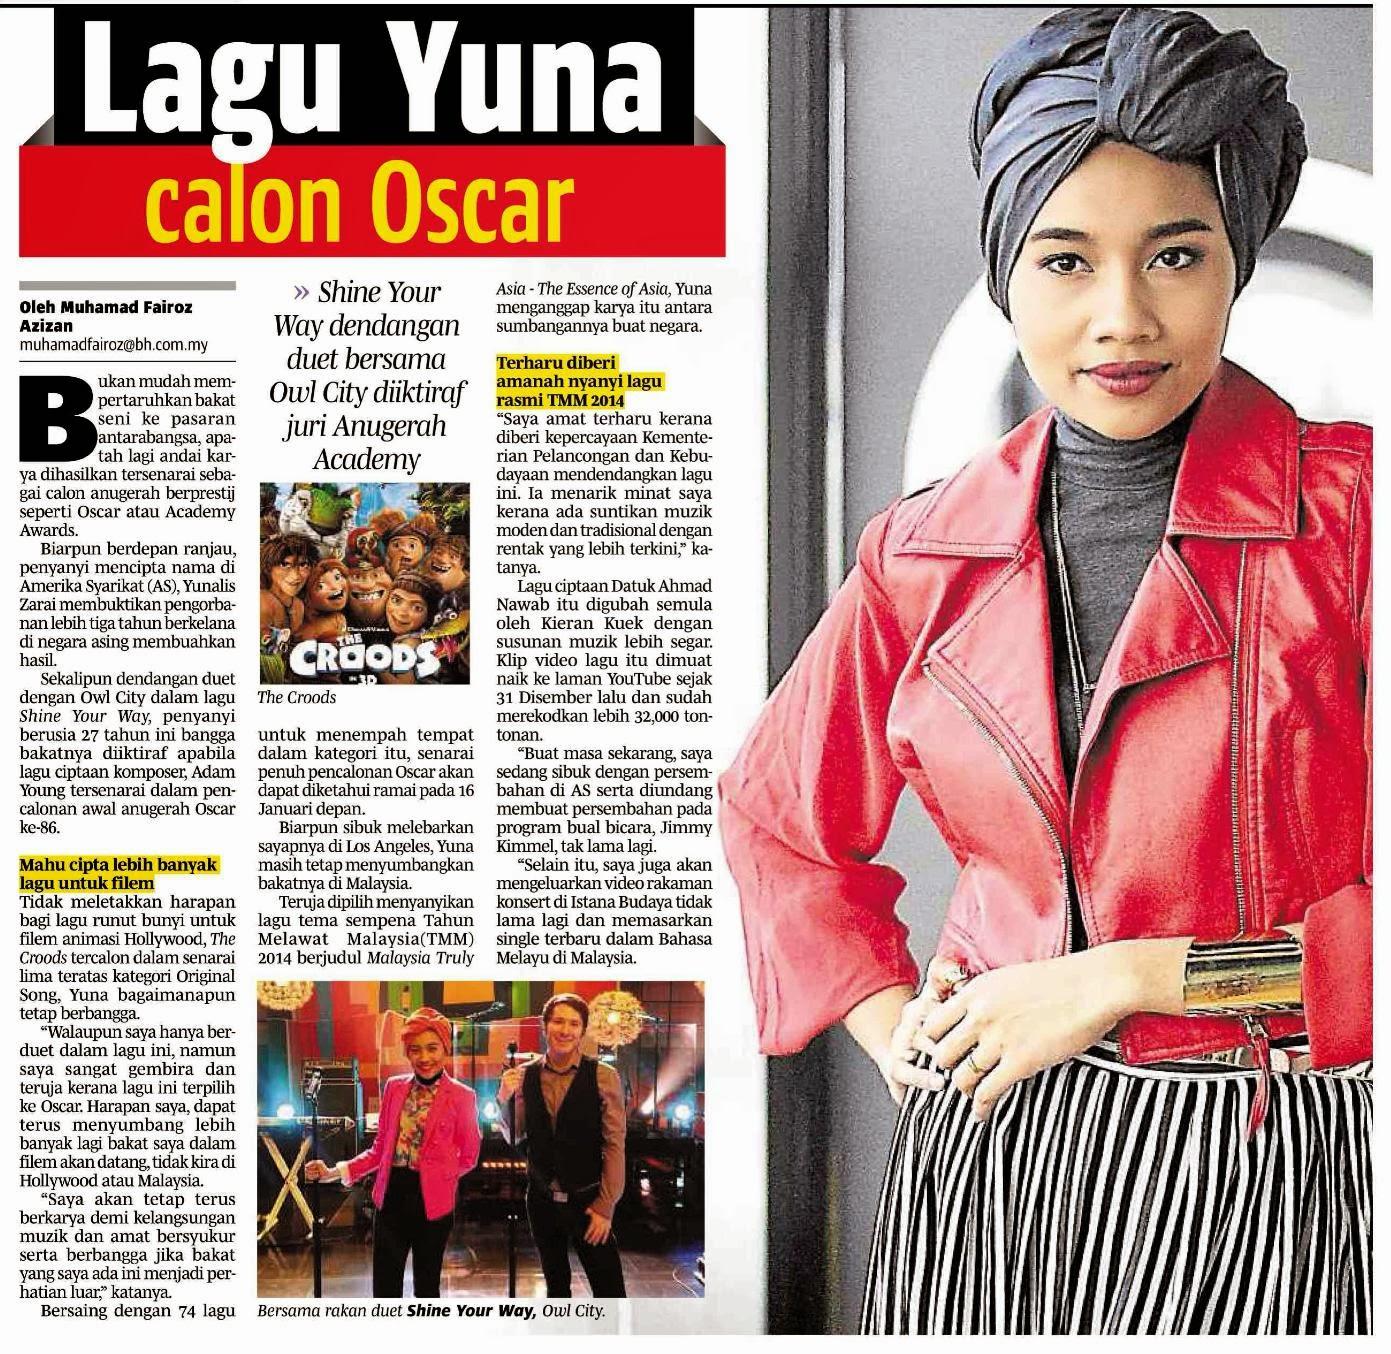 Lagu Duet Nyanyian Yuna Ke Pencalonan Awal Anugerah Oscar